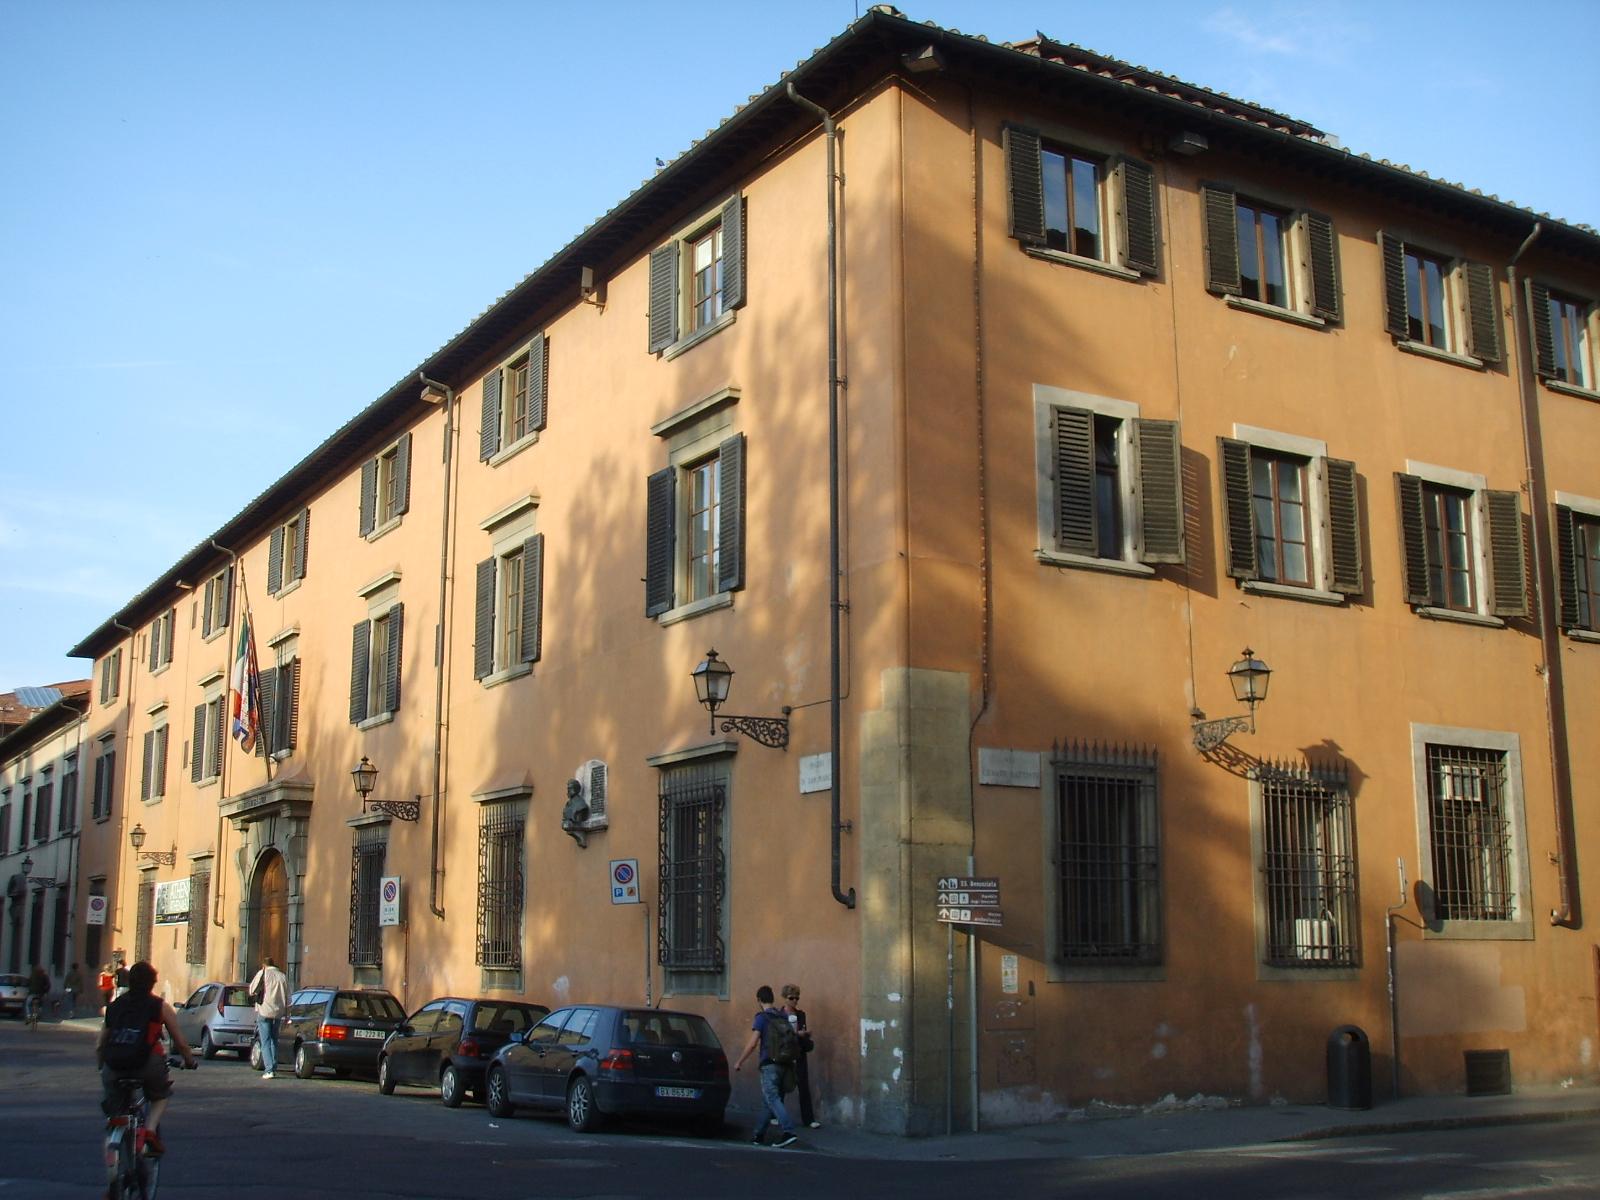 Ufficio Anagrafe A Firenze : Elezioni a firenze in centinaia in comune per rinnovo